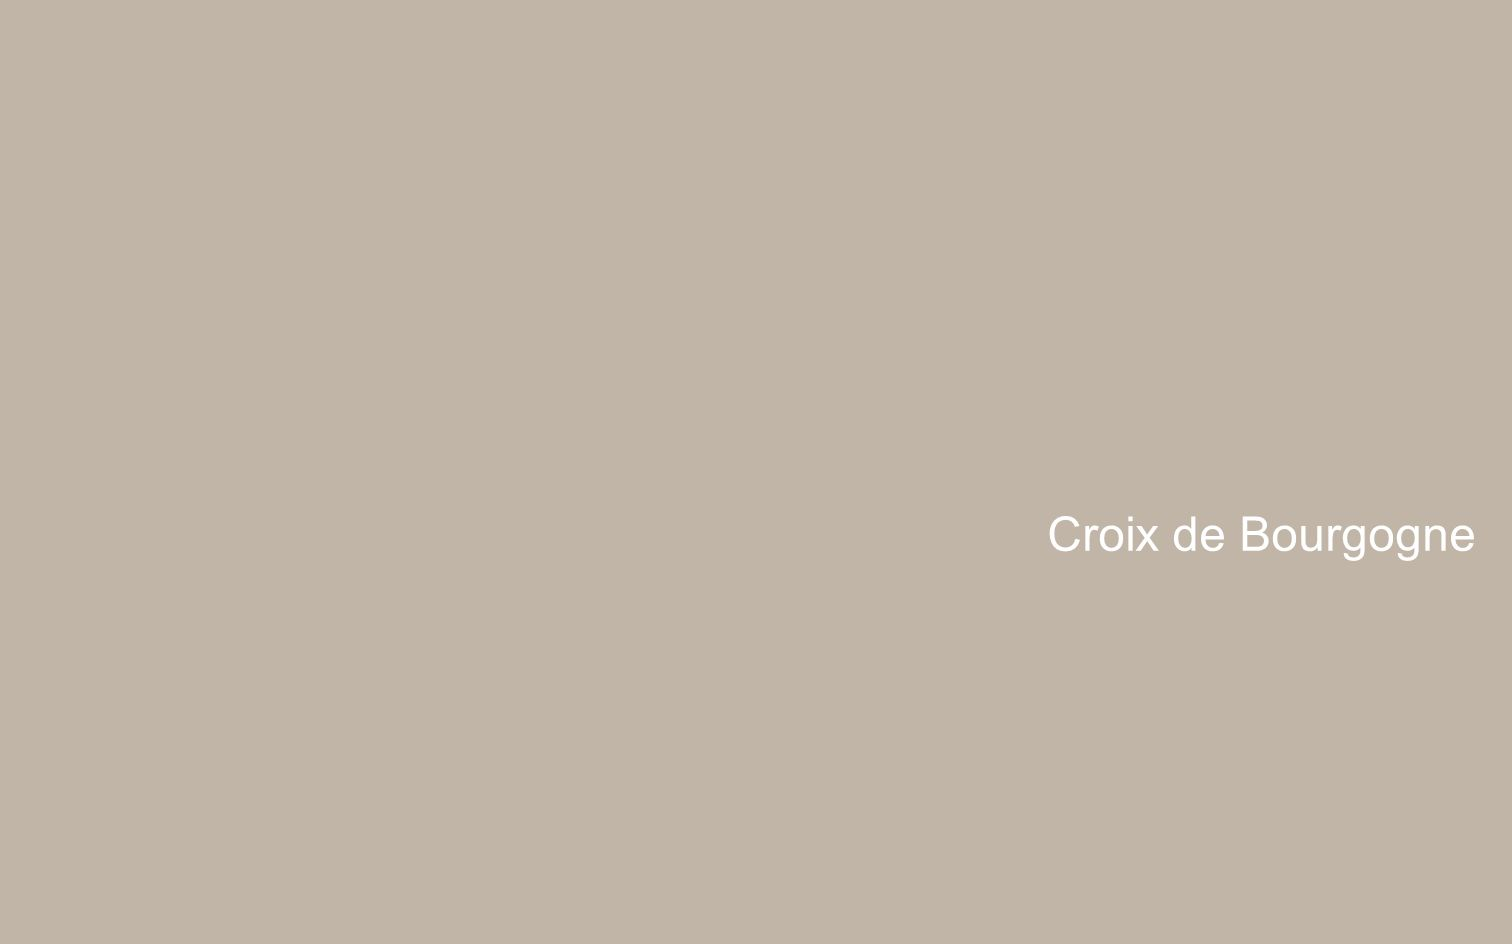 Croix de Bourgogne